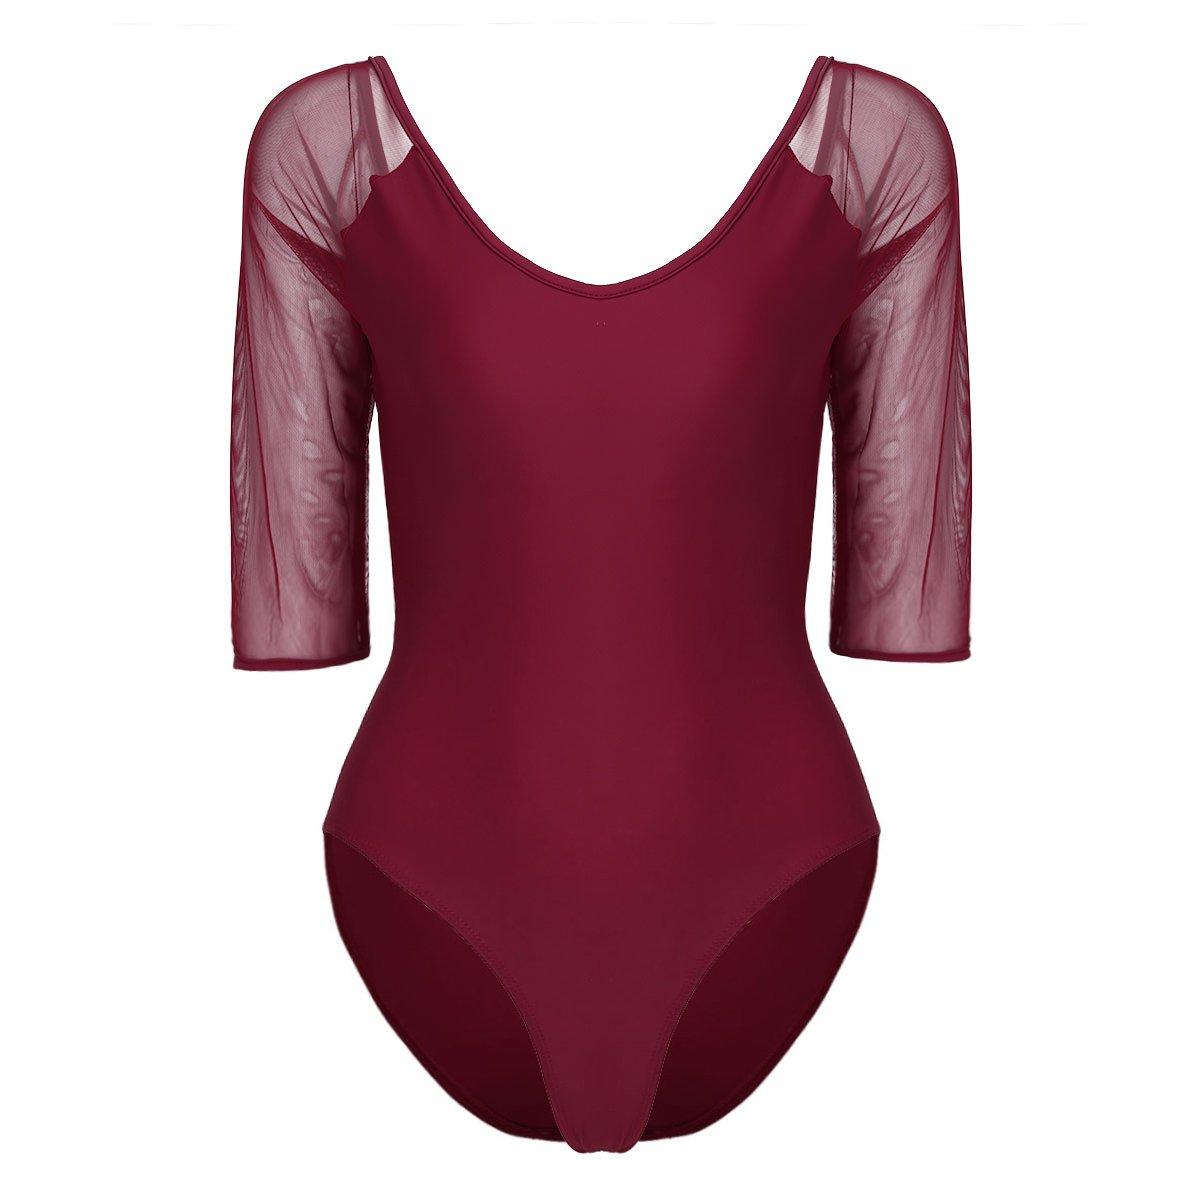 Tiaobug Damen Body mit 3/4 Ärmel Langarm aus Spitze Mesh Elegant Top Shirt Unterhemd Overall Strech Ballettanzug Ballett Trikot Sportwear